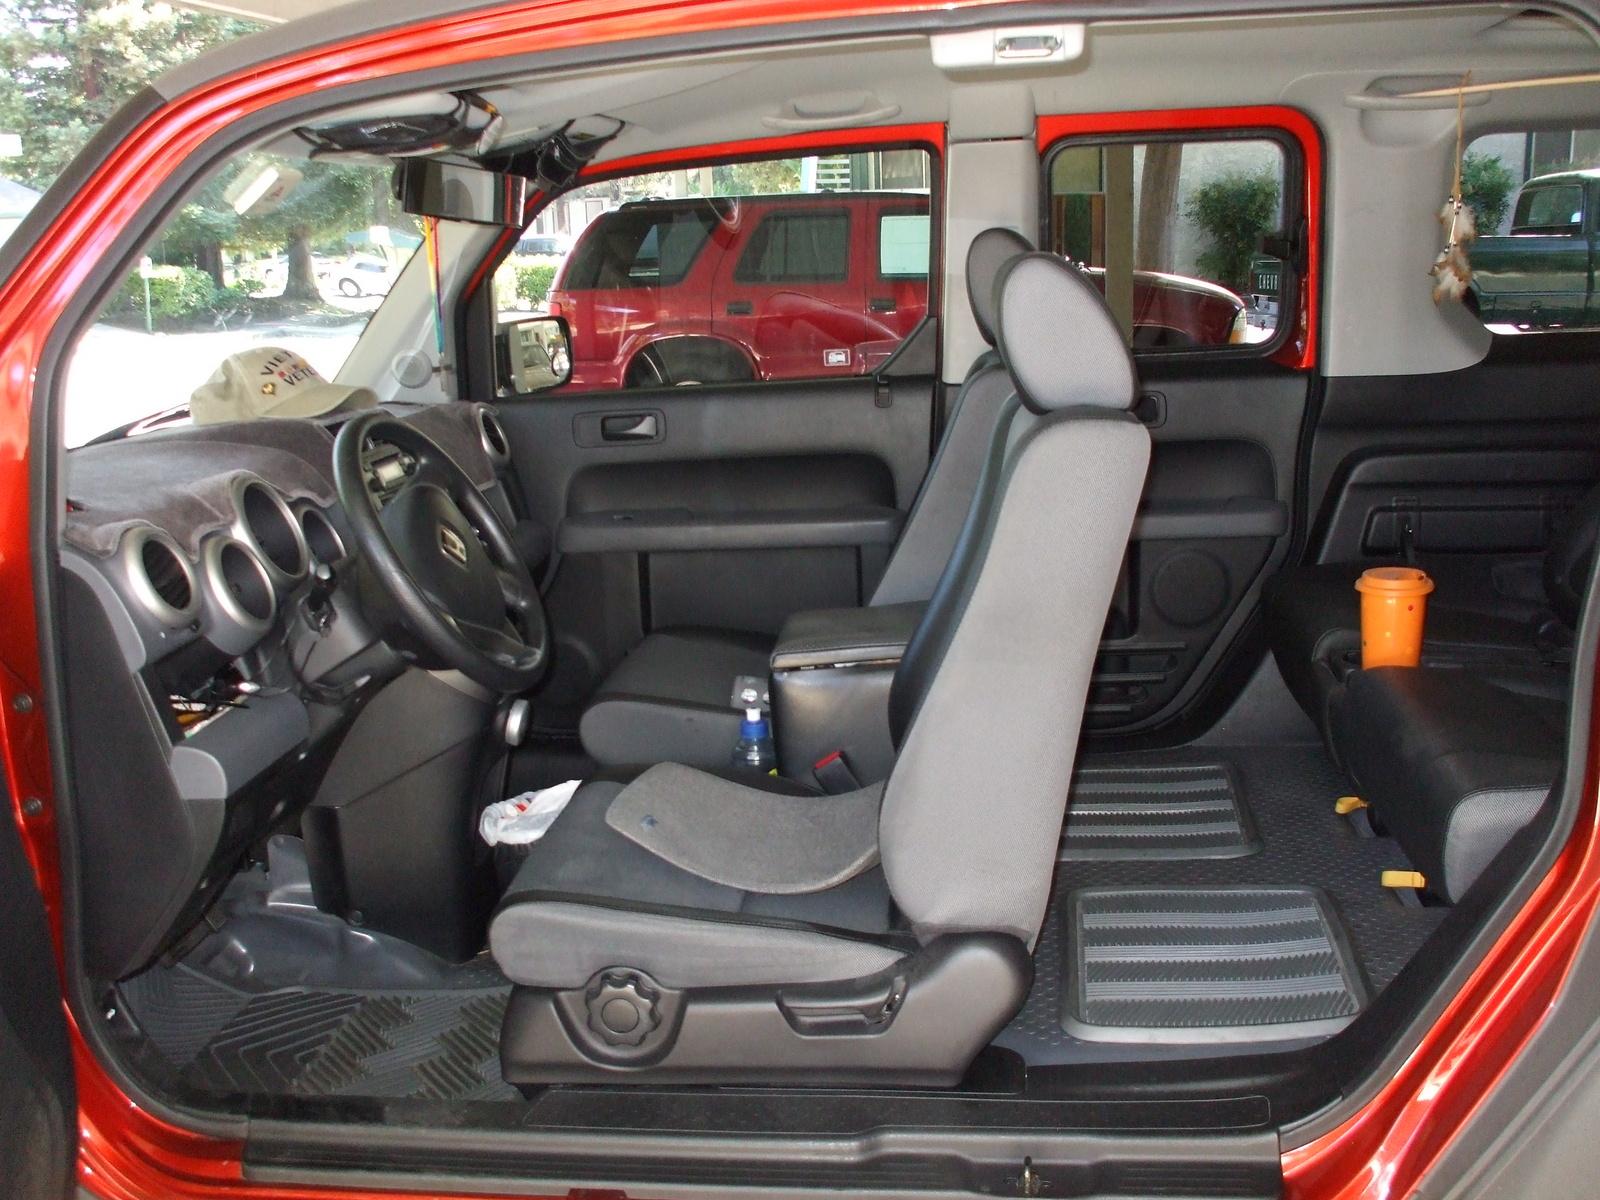 2005 Honda Element Interior Pictures Cargurus